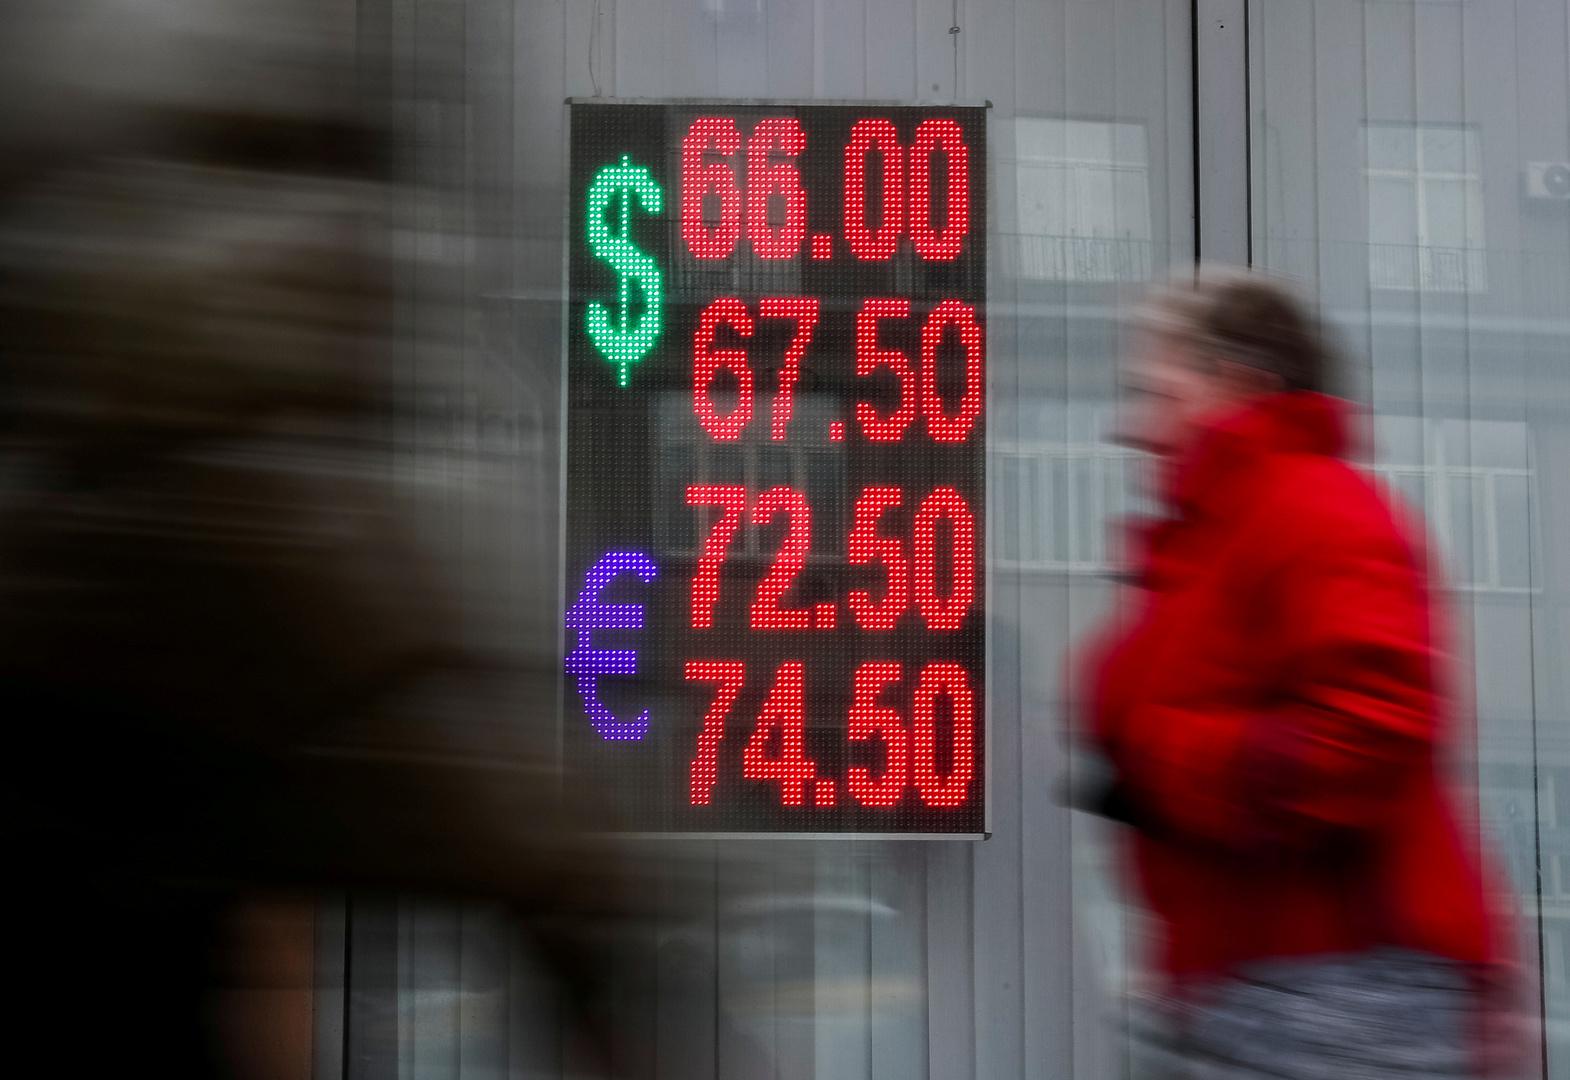 بورصة موسكو والروبل يصعدان رغم هبوط أسعار النفط